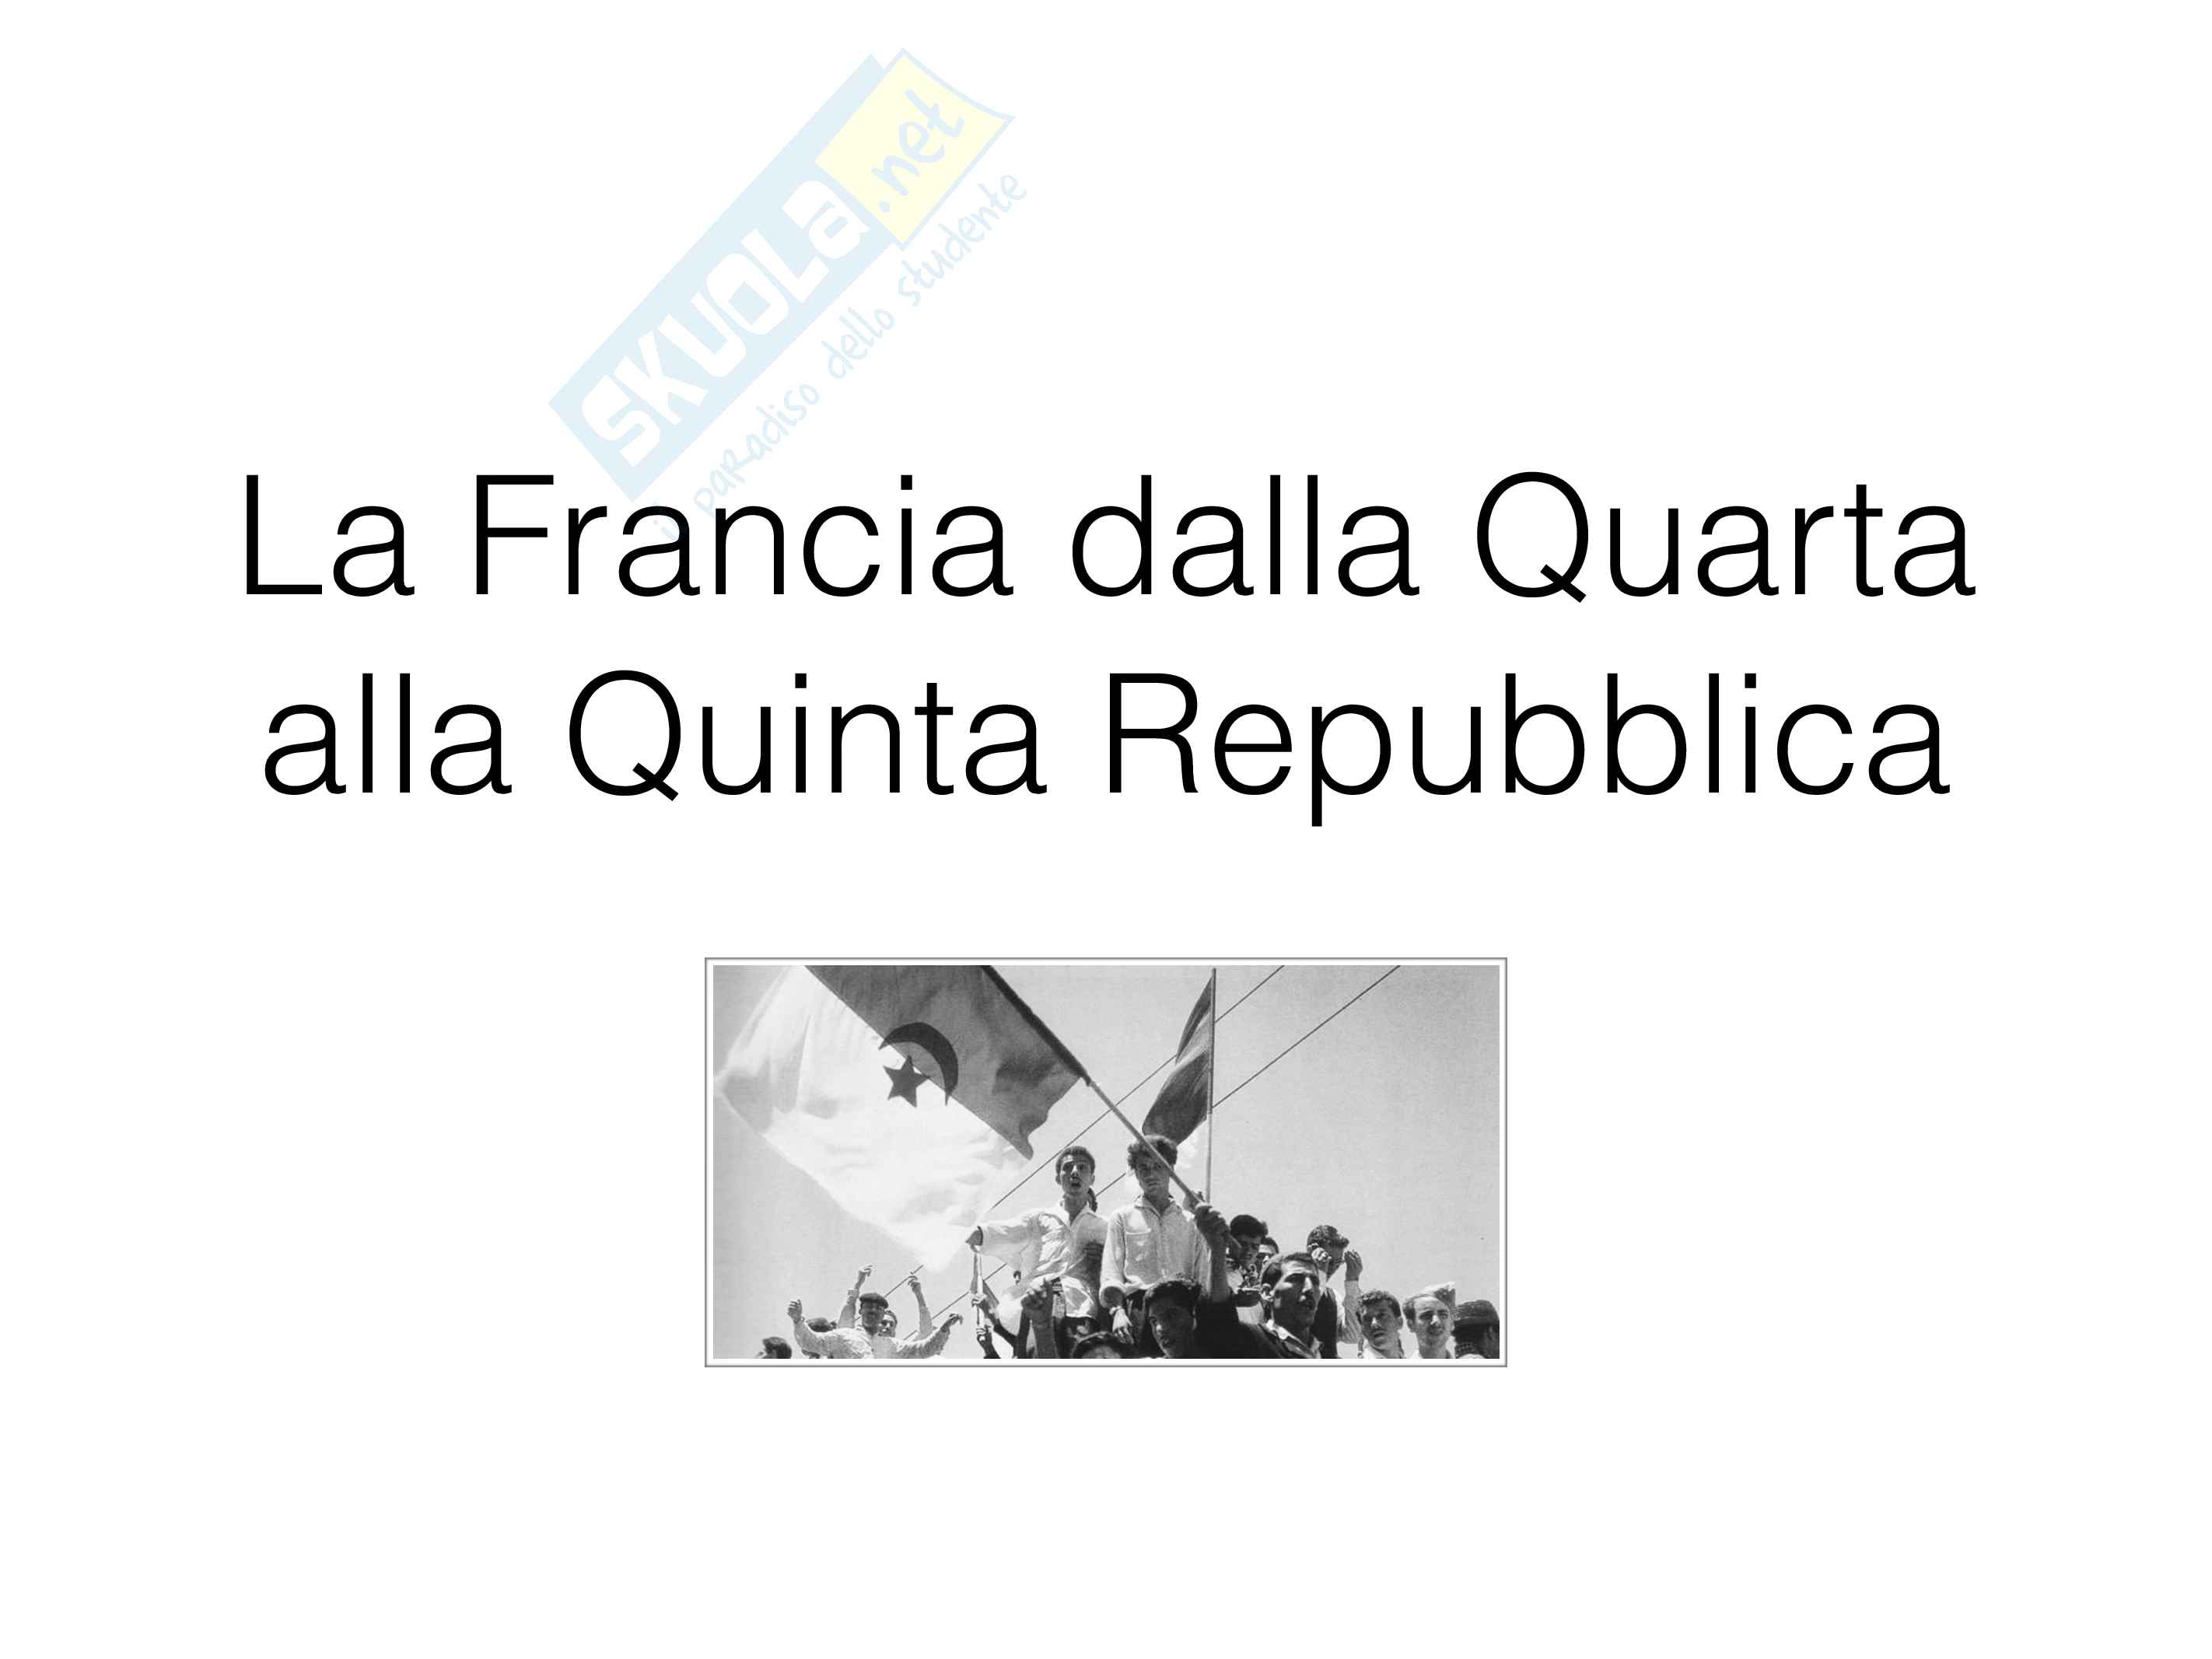 La Francia dalla Quarta alla Quinta Repubblica - appunti storia contemporanea